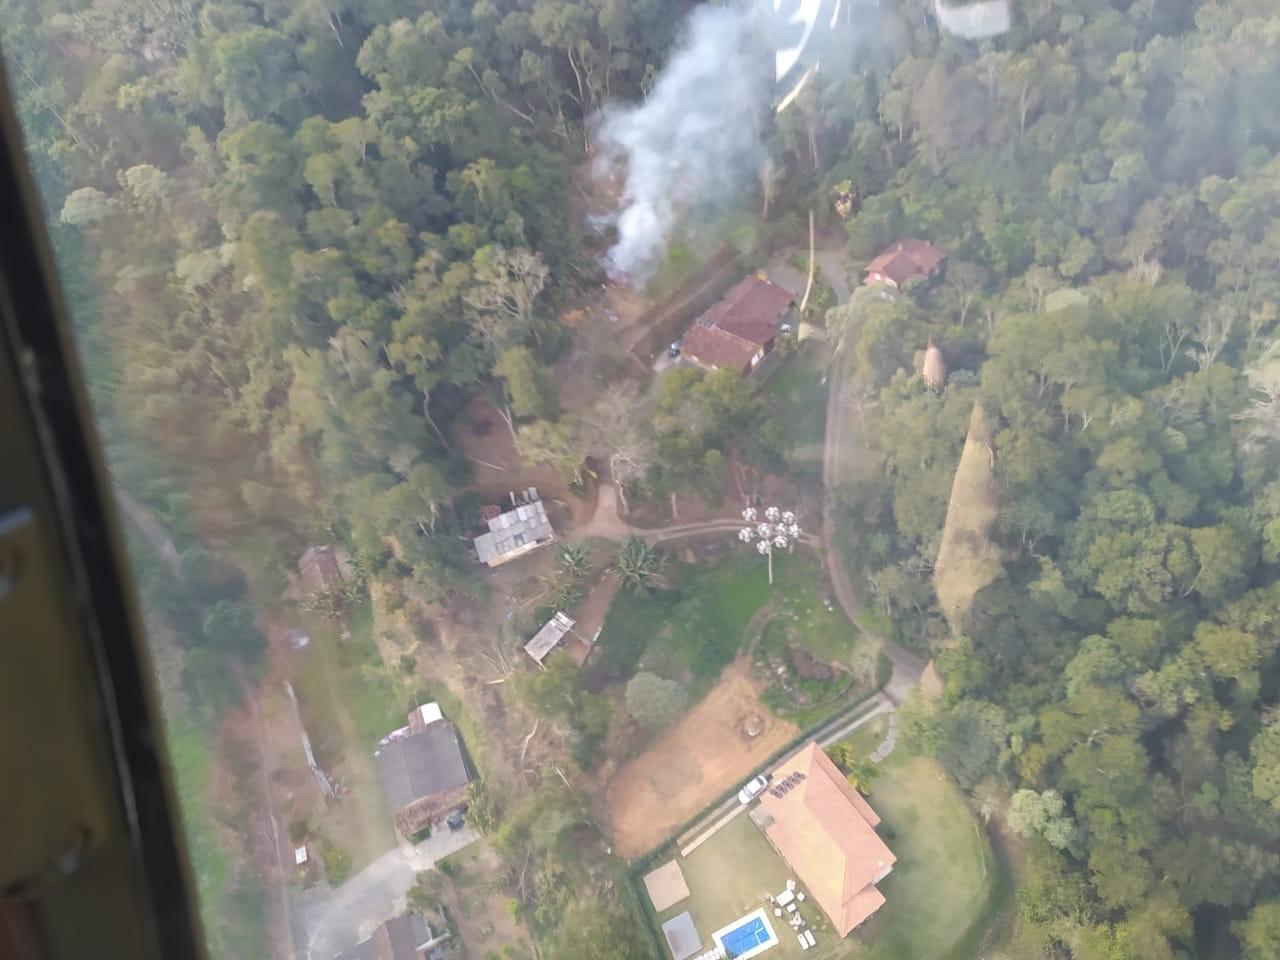 Bombeiros flagram homem ateando fogo em terreno durante sobrevoo para conter incêndio no Parnaso, na Serra do RJ